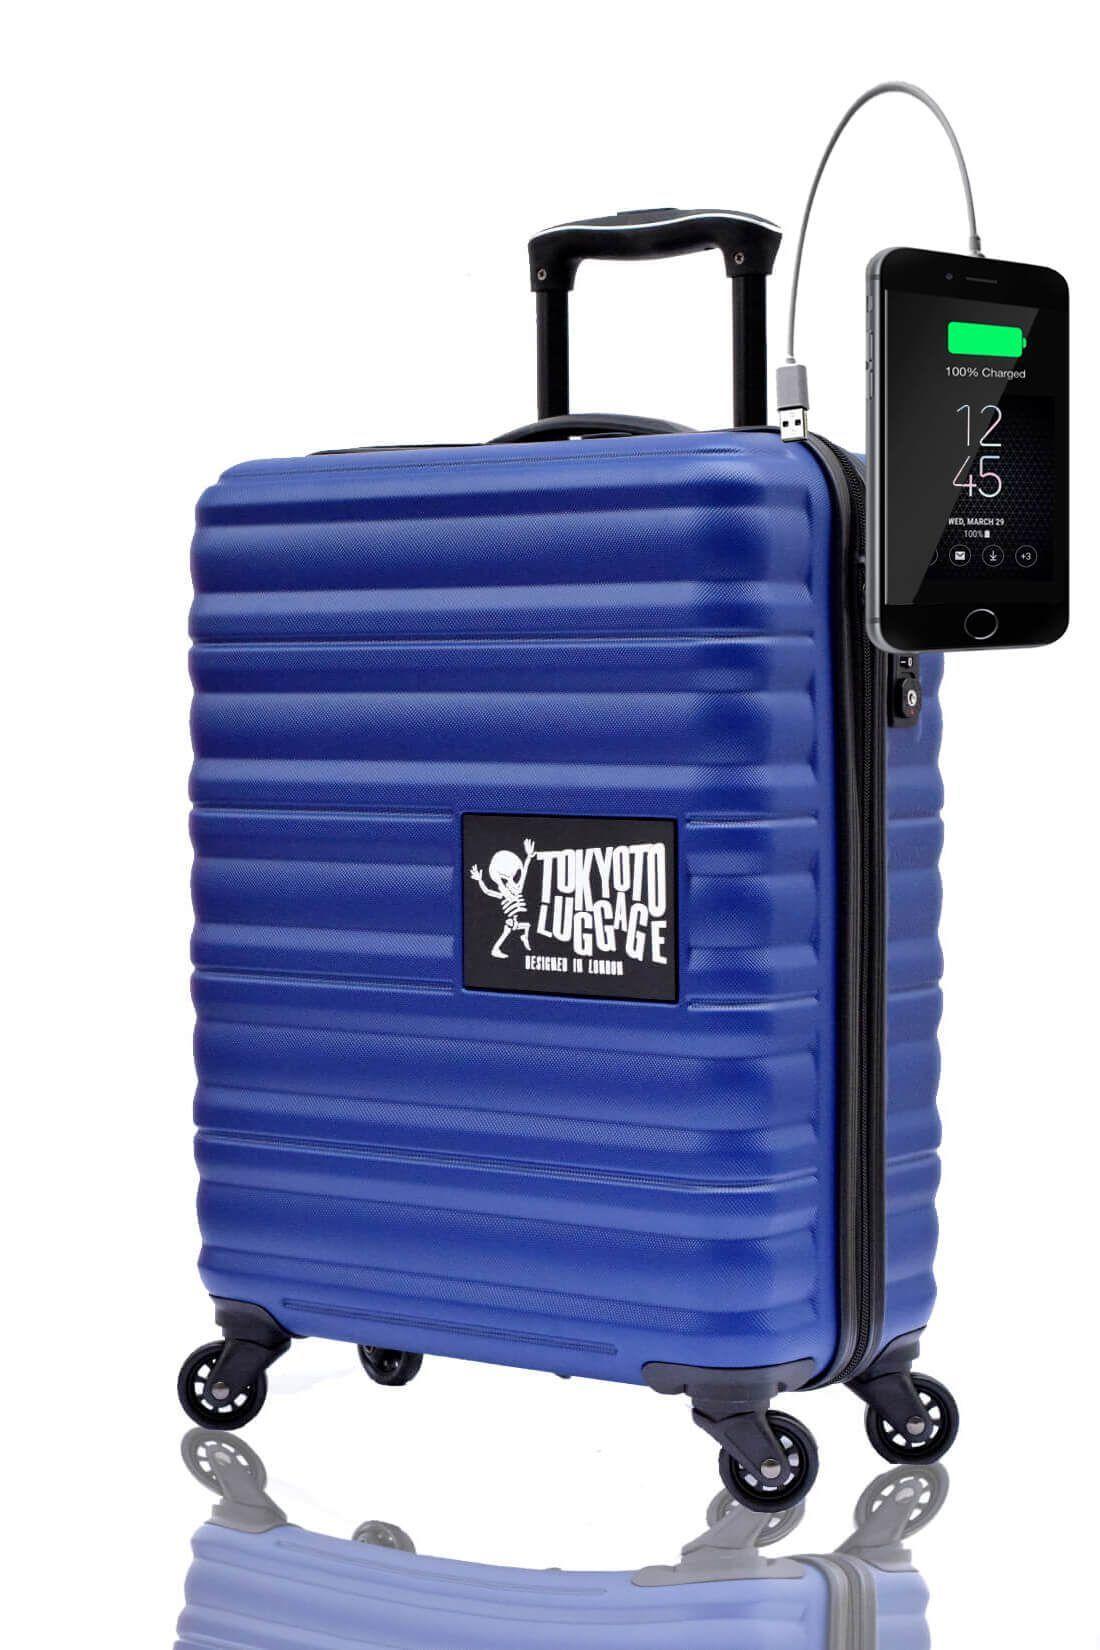 Valigia Trolley da cabina divertimento online per giovani urbani con caricatore usb TOKYOTO LUGGAGE Blue Marine